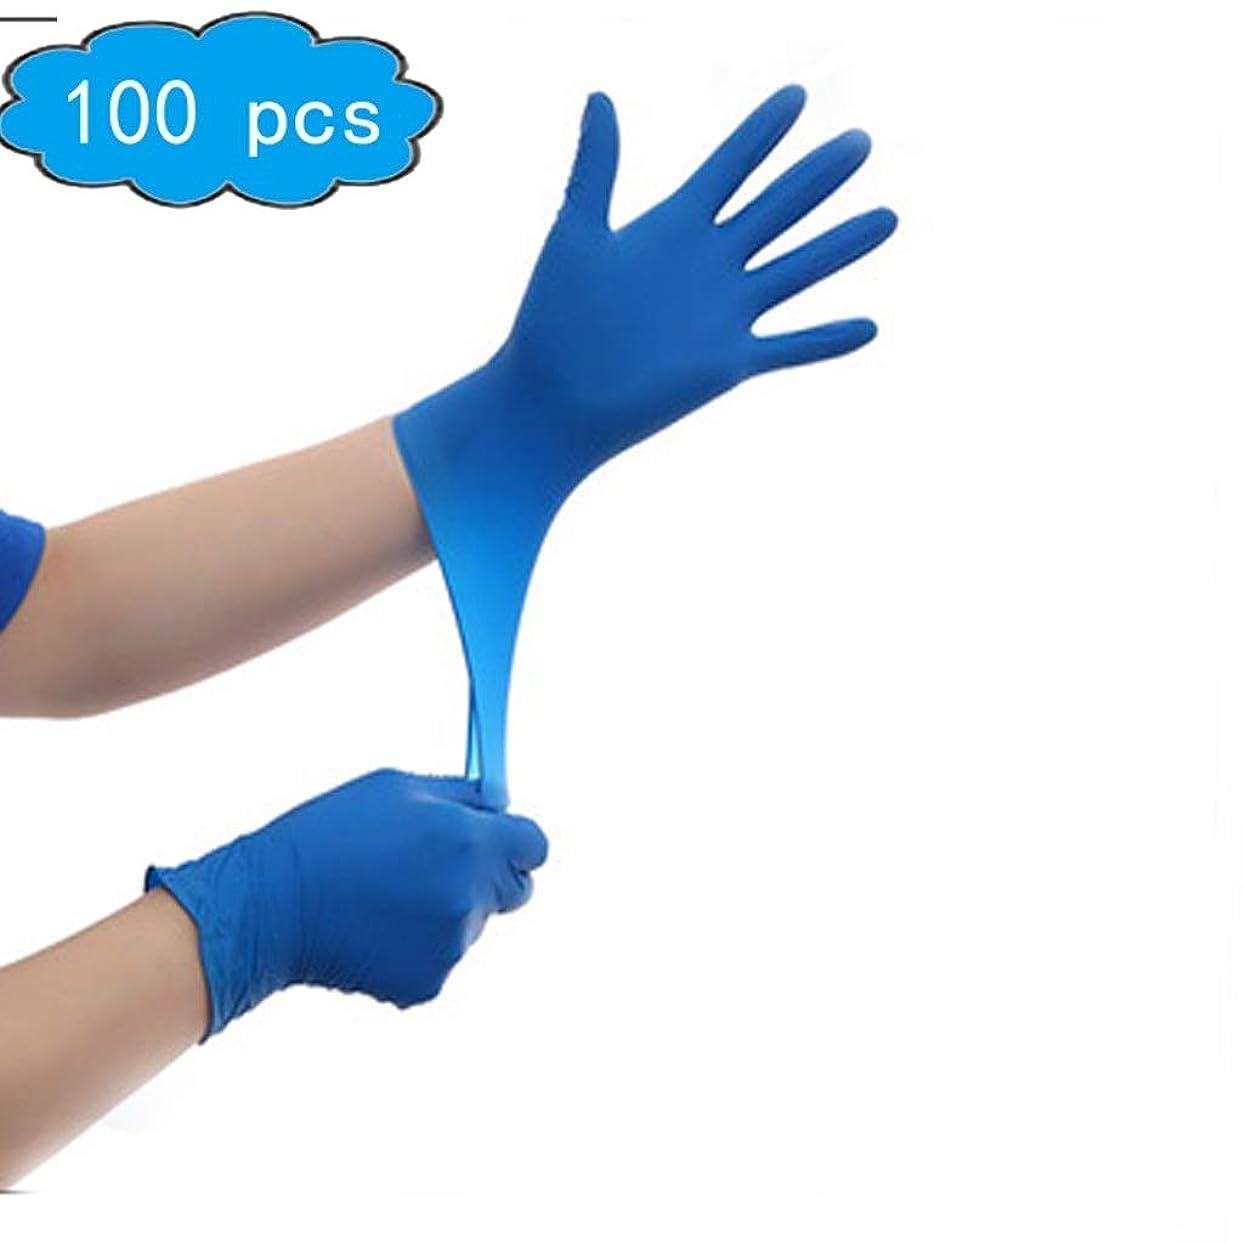 国籍ガチョウカビ使い捨て丁清手袋 - テクスチャード加工、サニタリー手袋、応急処置用品、大型、100箱入り、食品ケータリング家事使い捨て手袋 (Color : Blue, Size : XS)